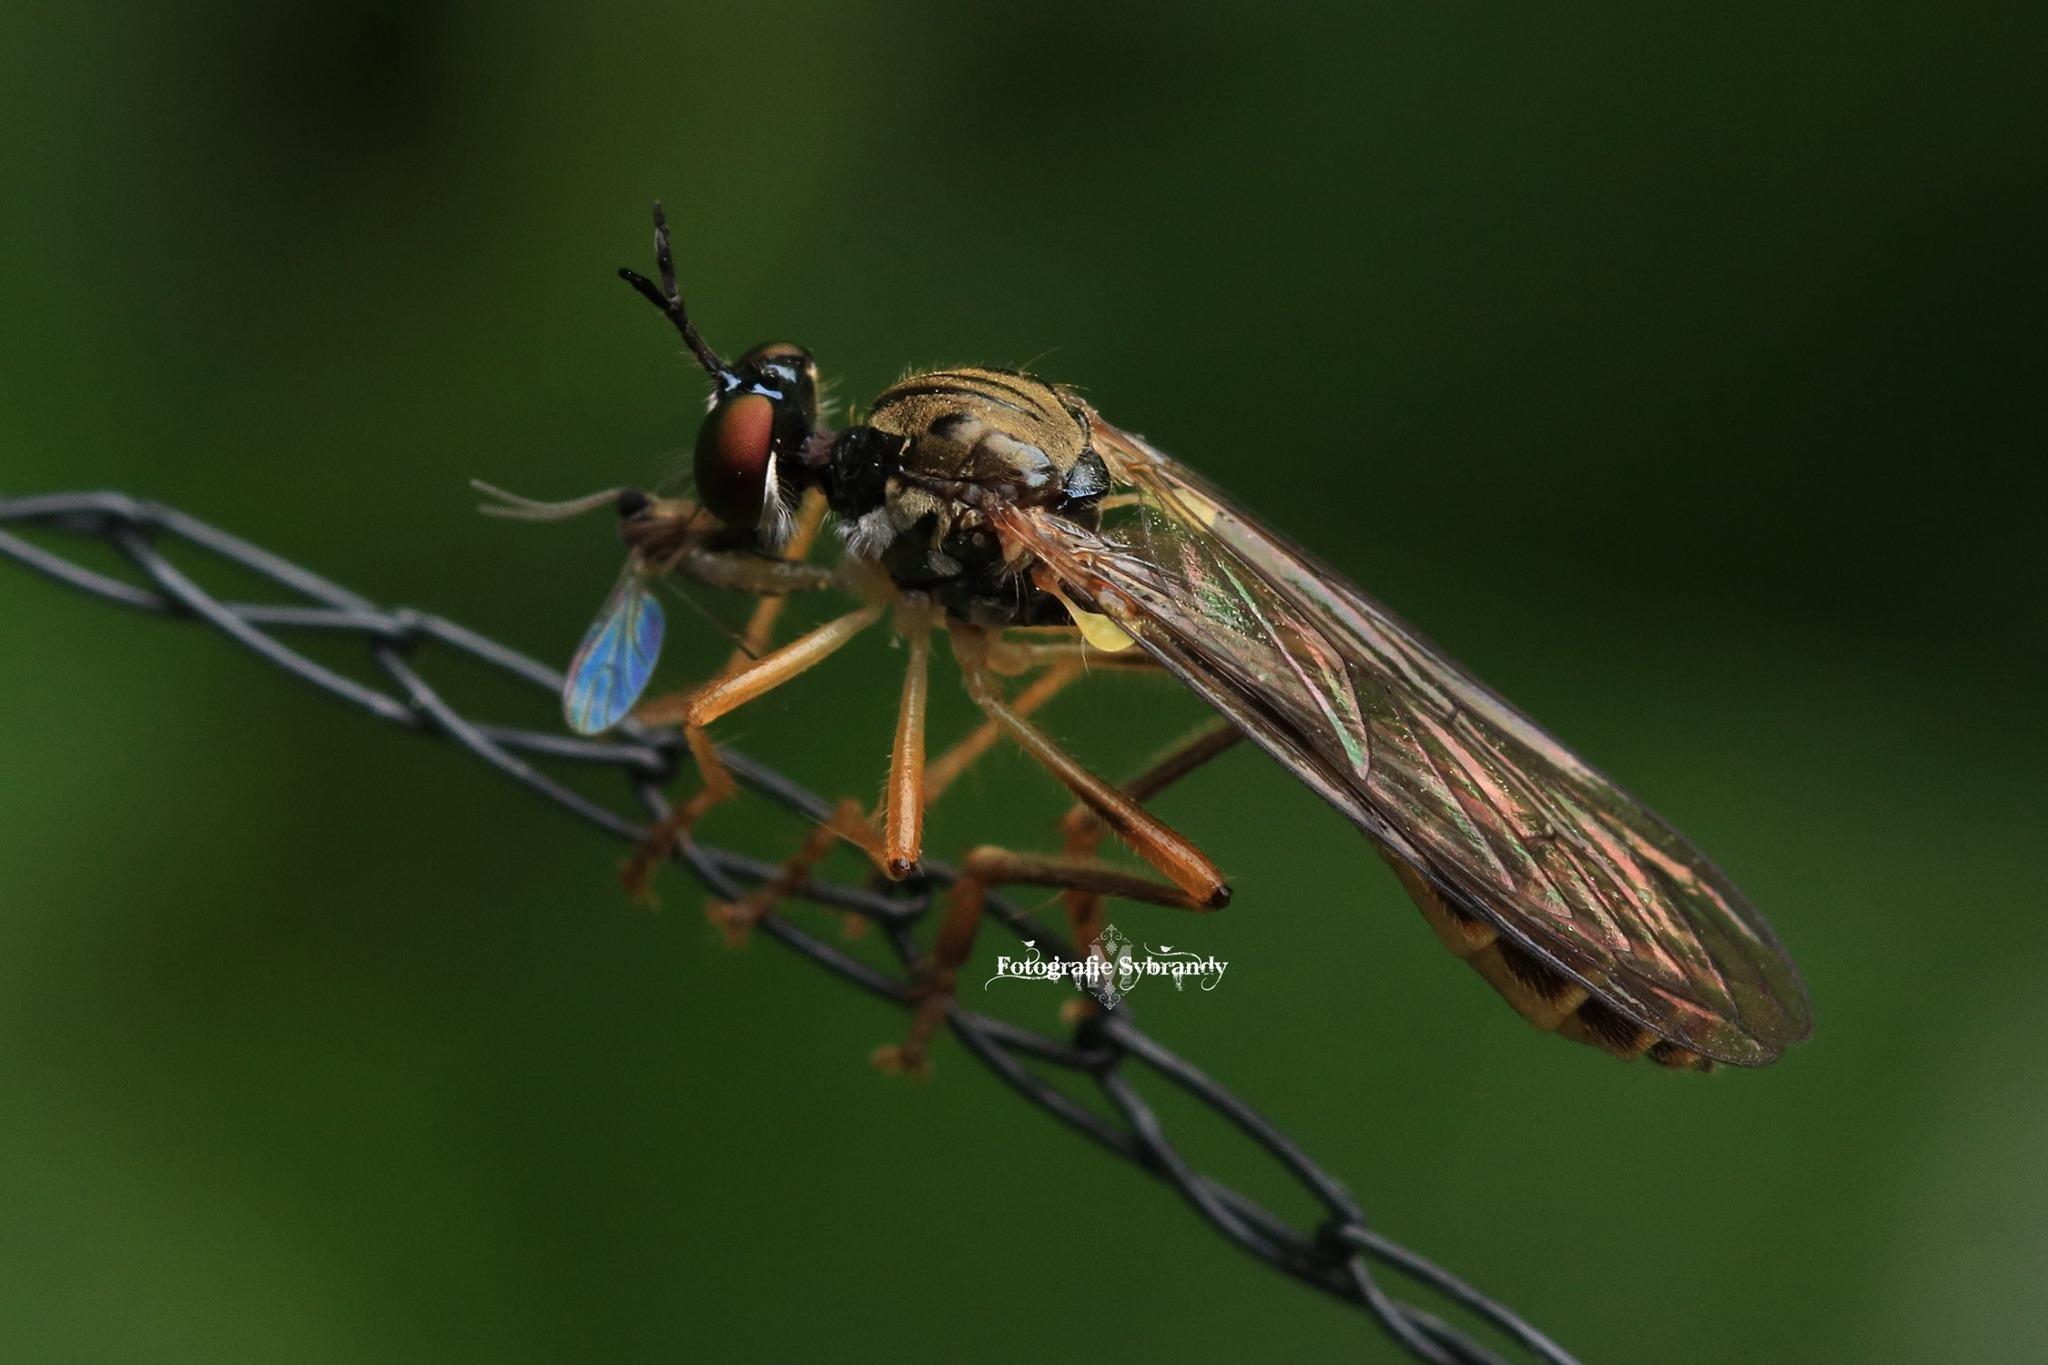 Insect met vlieg - Fotografie Sybrandy